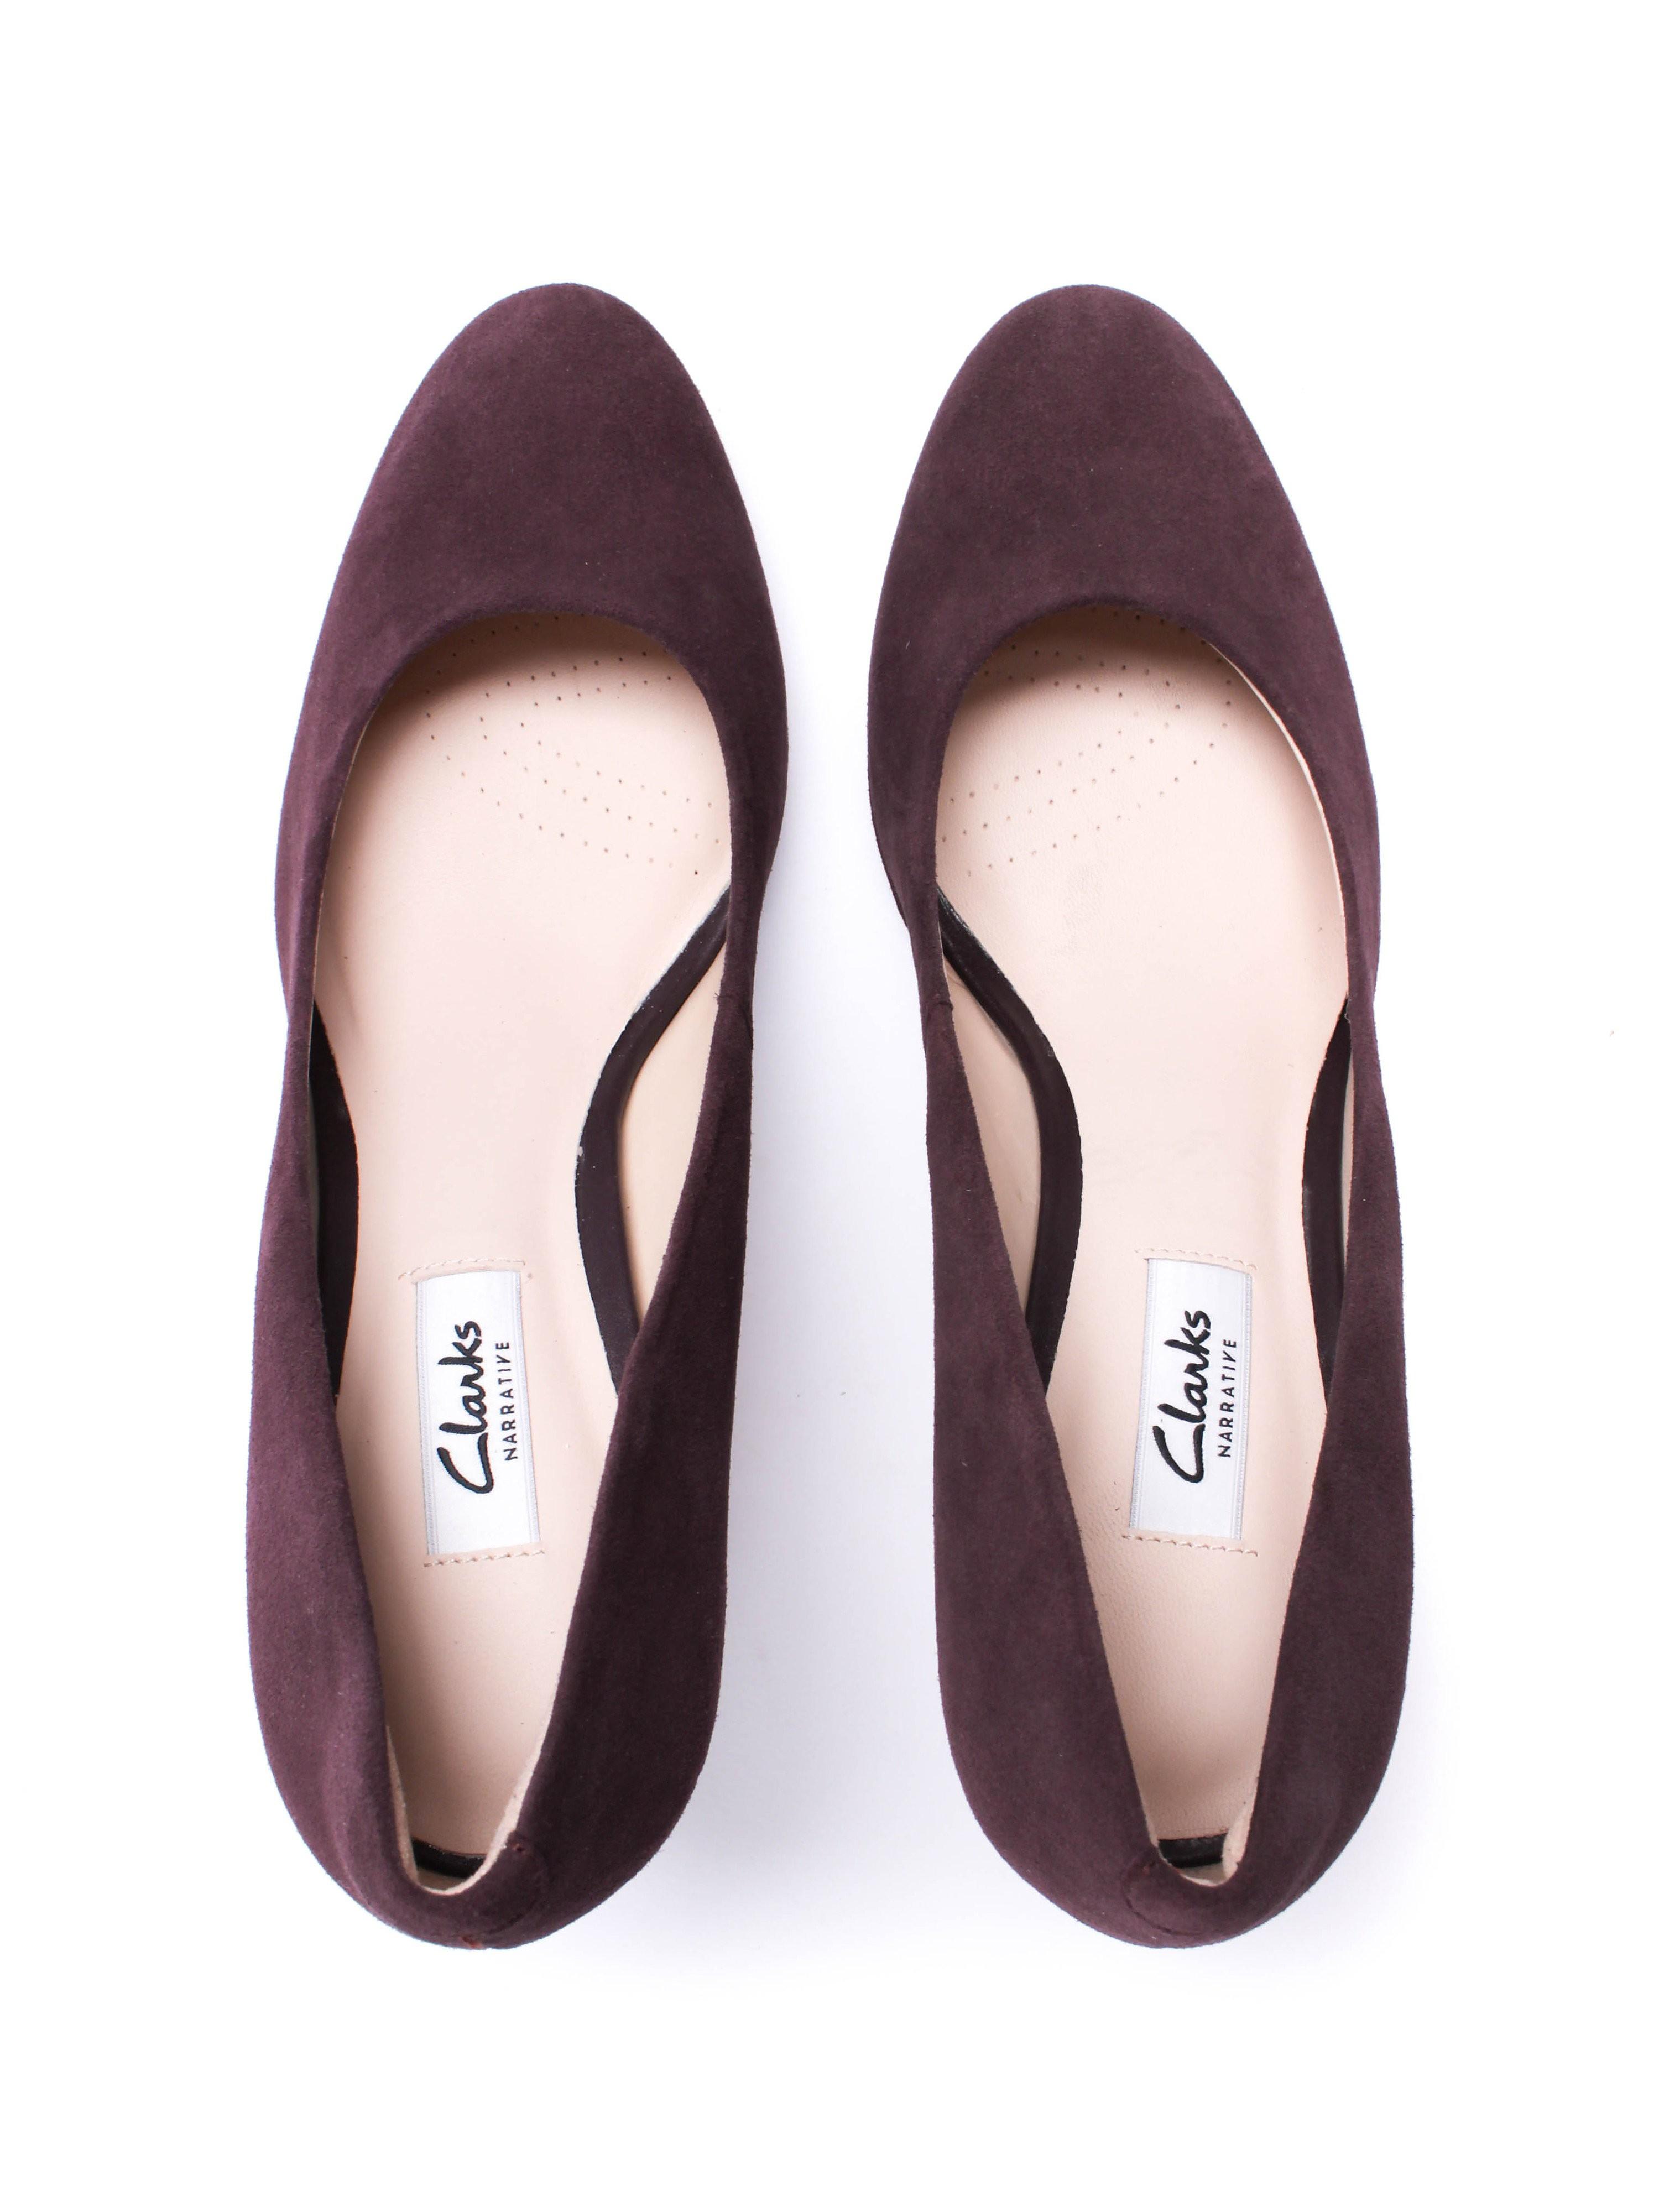 Clarks Women's Kendra Sienna Suede Court Shoe - Aubergine